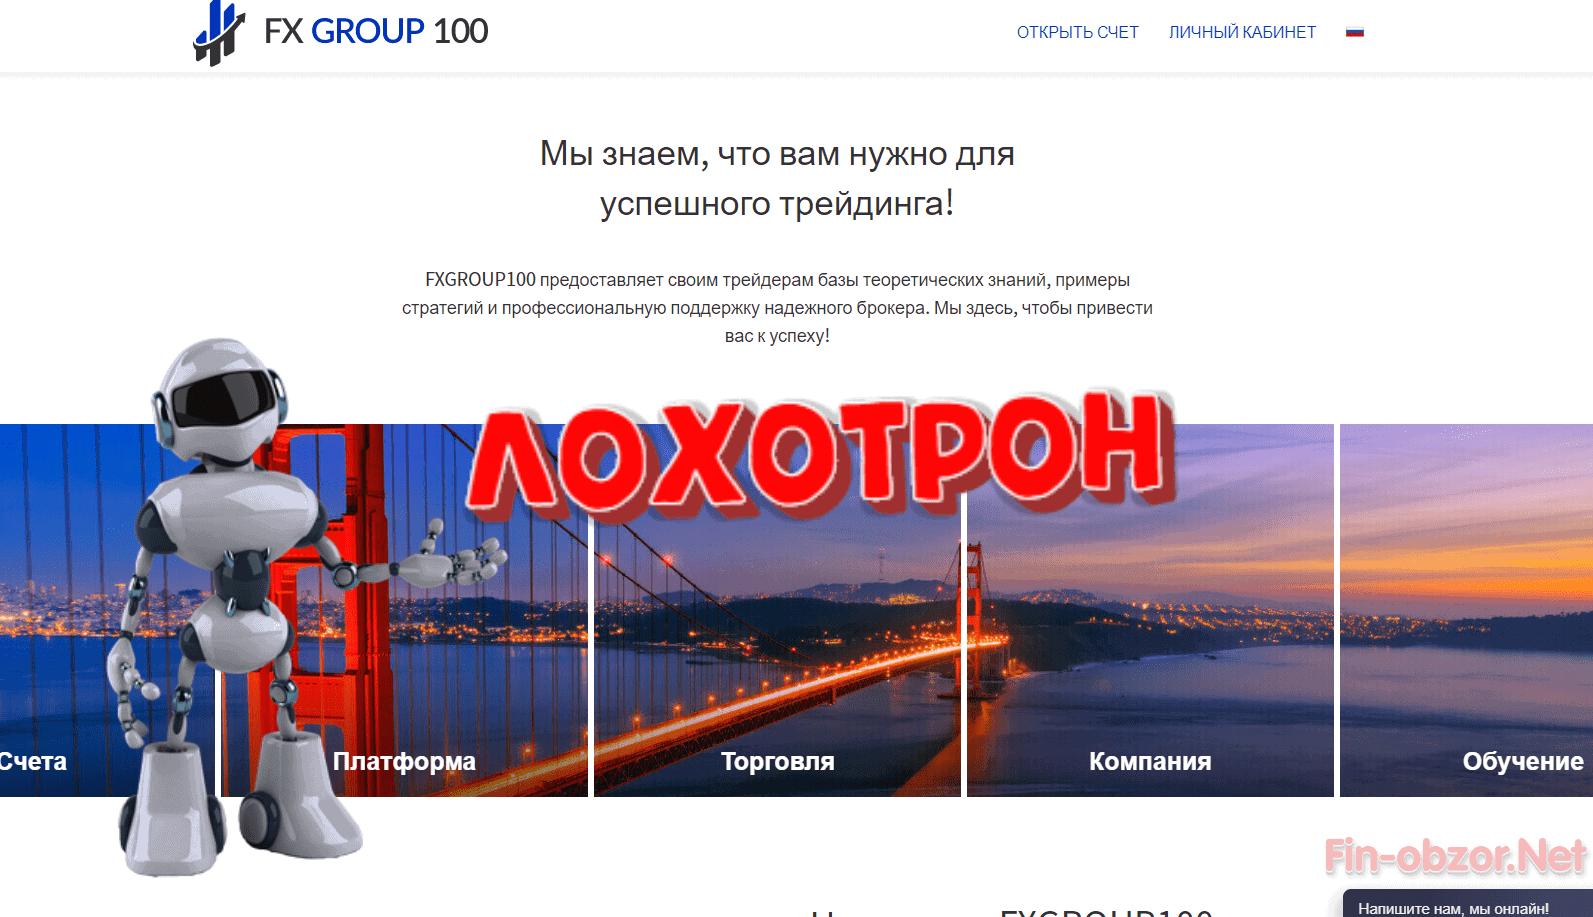 Fxgroup100 хороший брокер?